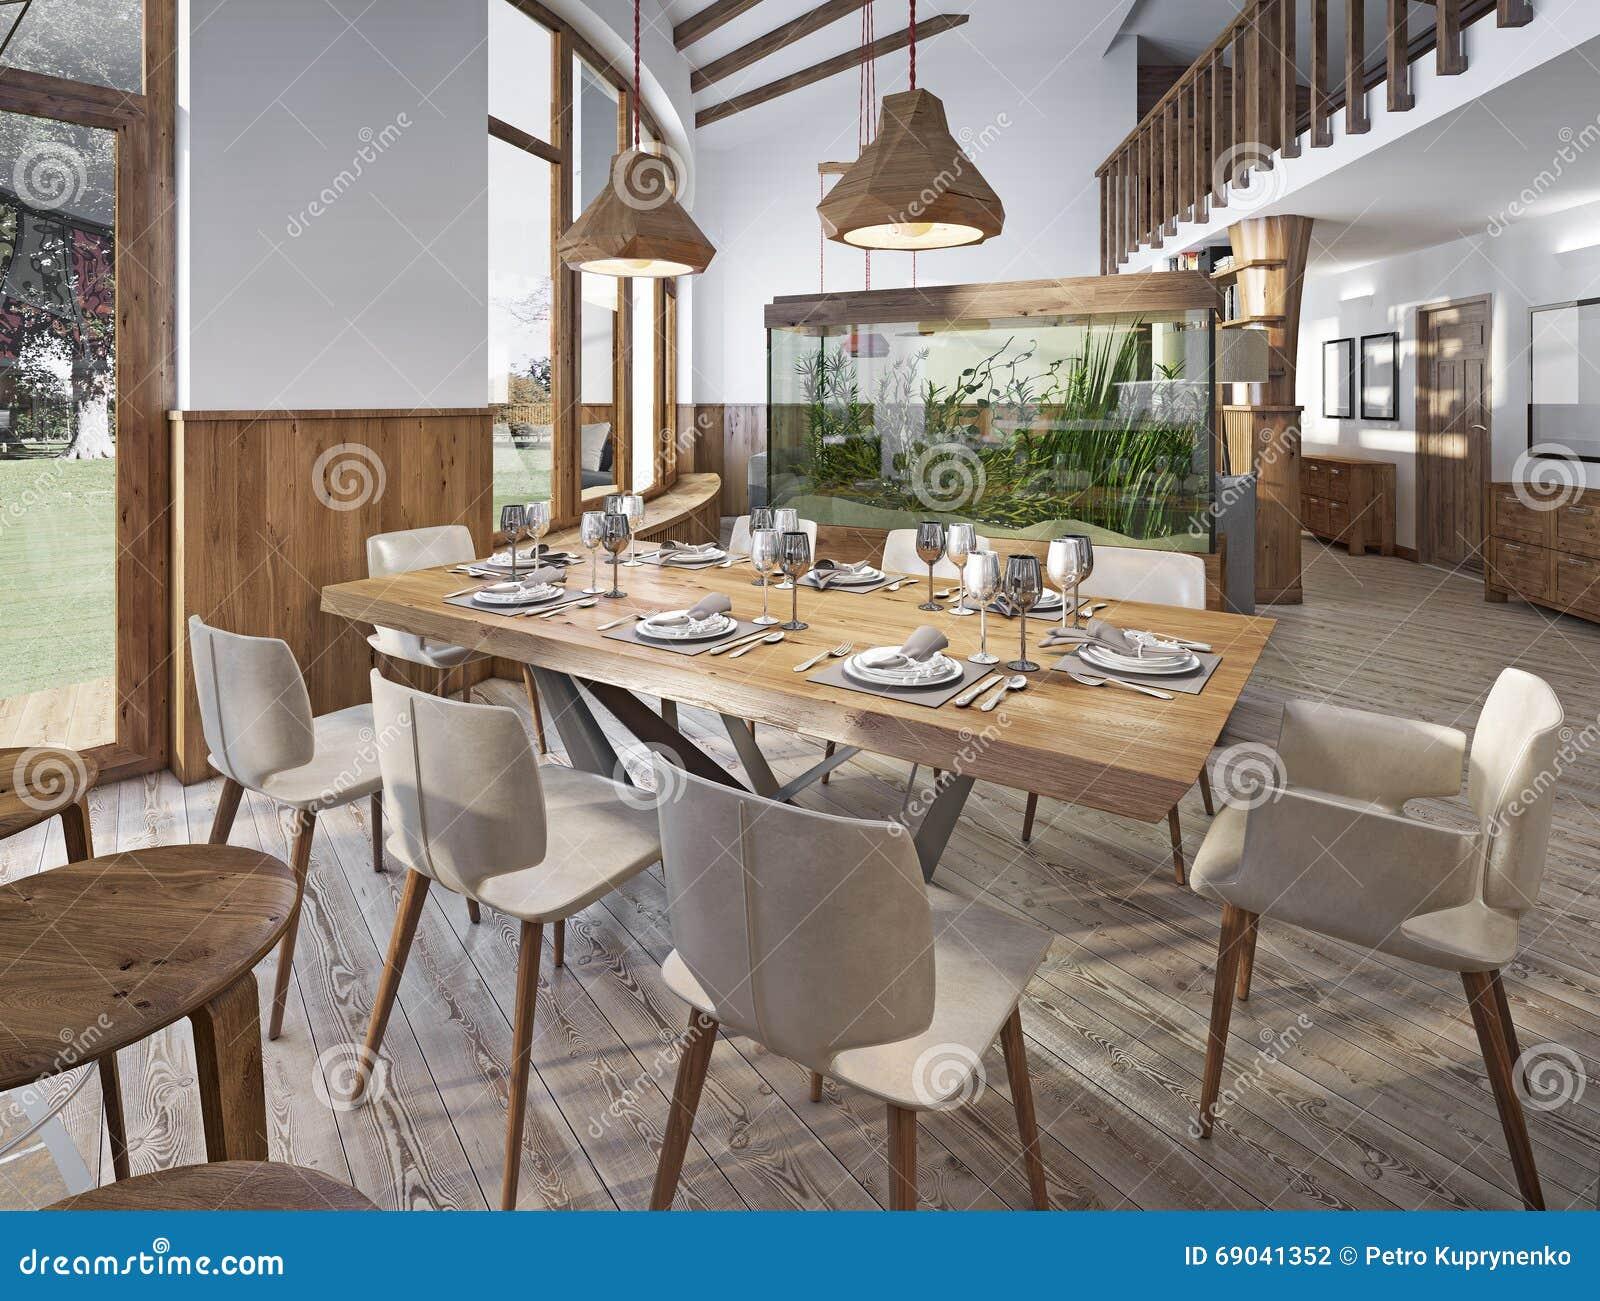 Tjänad som tabell för åtta i matsalen i vinden med höjdpunkt